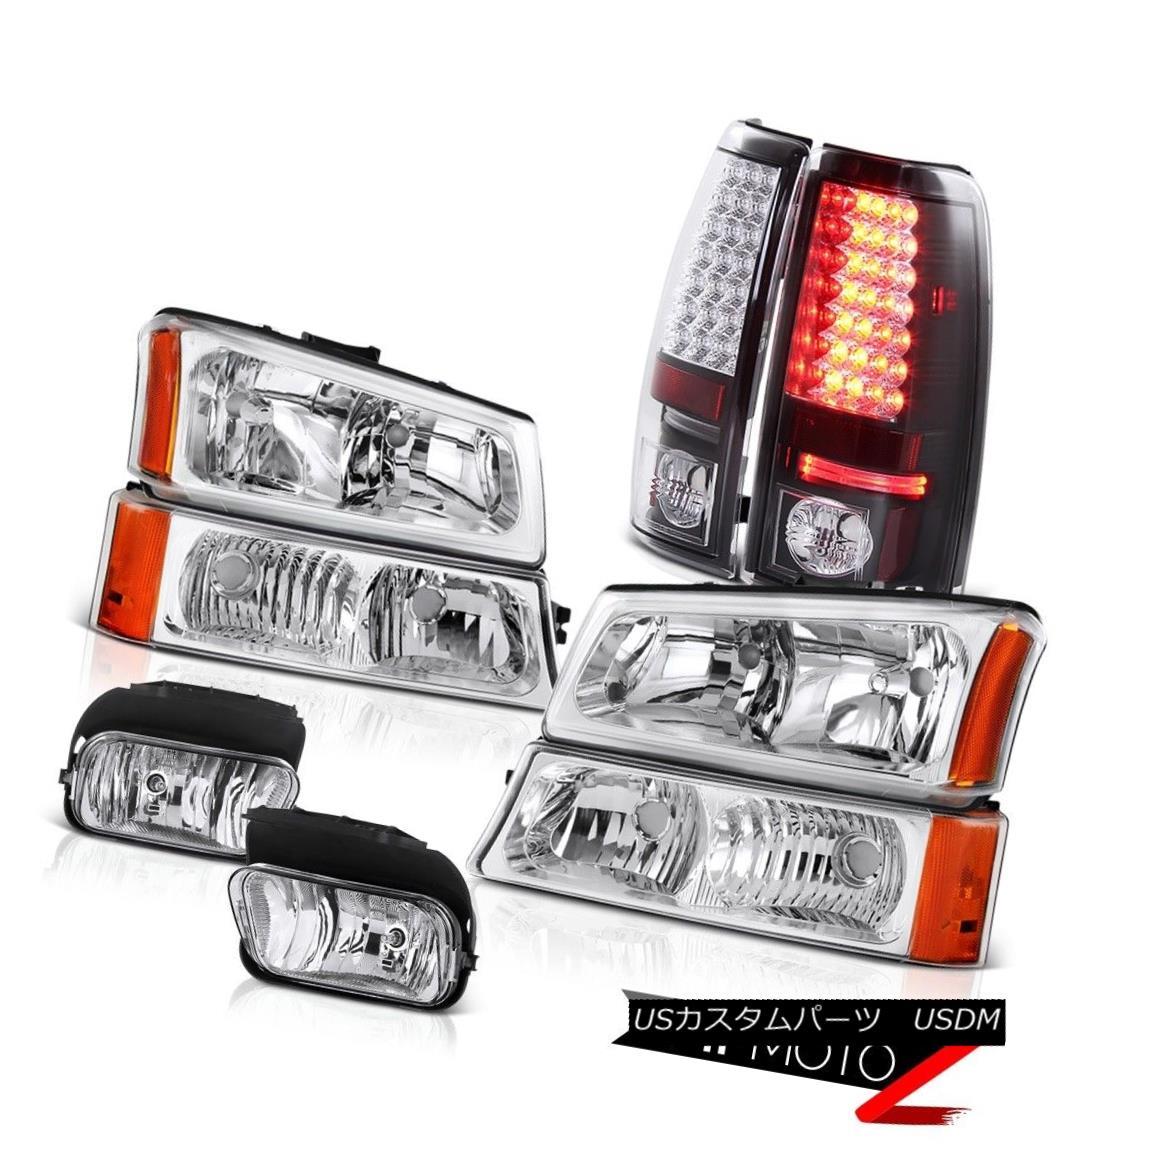 テールライト 2003-2006 Silverado SS Bumper Parking Headlamps SMD Brake Tail Lights Foglights 2003-2006 Silverado SSバンパーパーキングヘッドランプSMDブレーキテールライトフォグライト